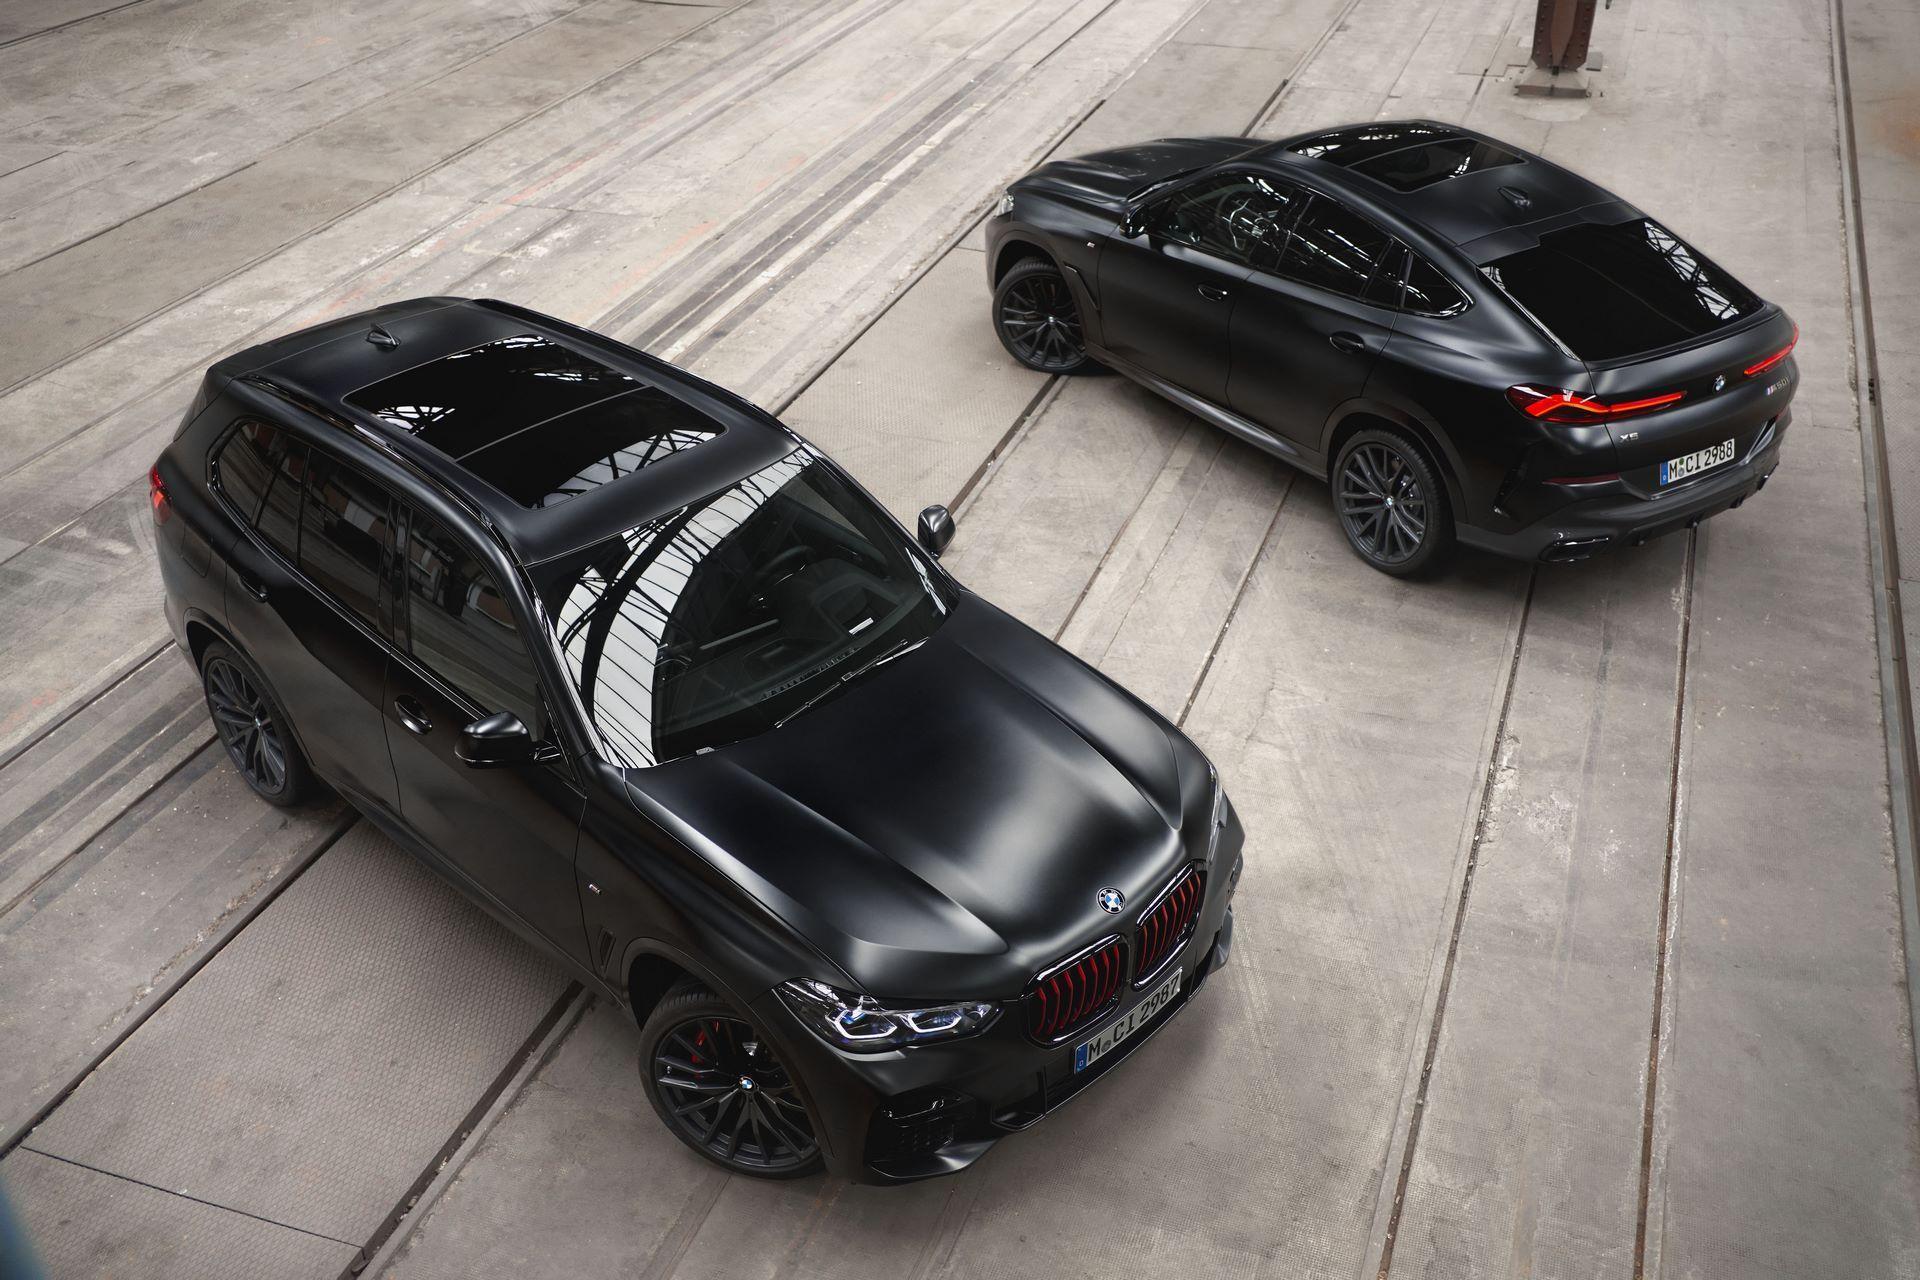 BMW-X5-Χ6-Black-Vermilion-X7-Limited-Edition-30